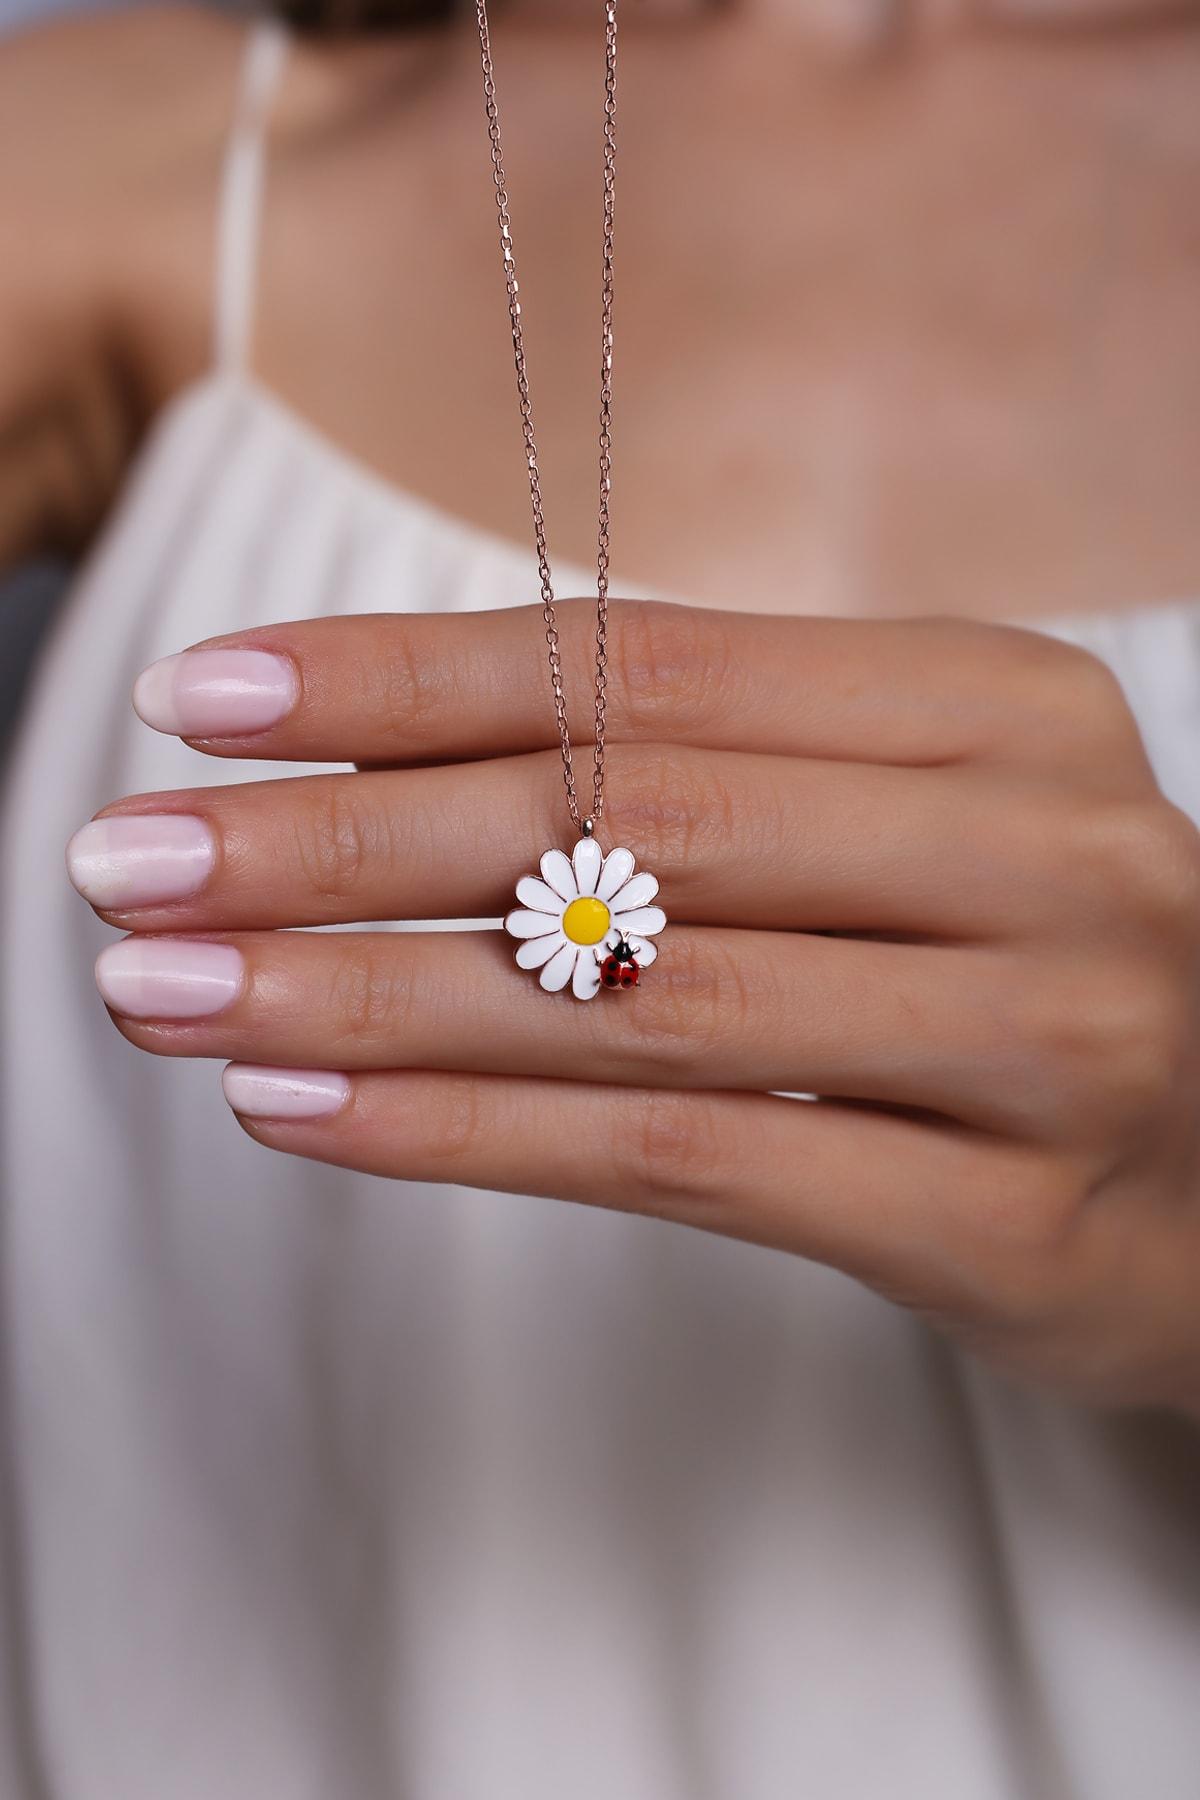 925 Ayar Gümüş Kaplama Rose Gold Uğur Böcek Detaylı Papatya Tasarımlı Kolye